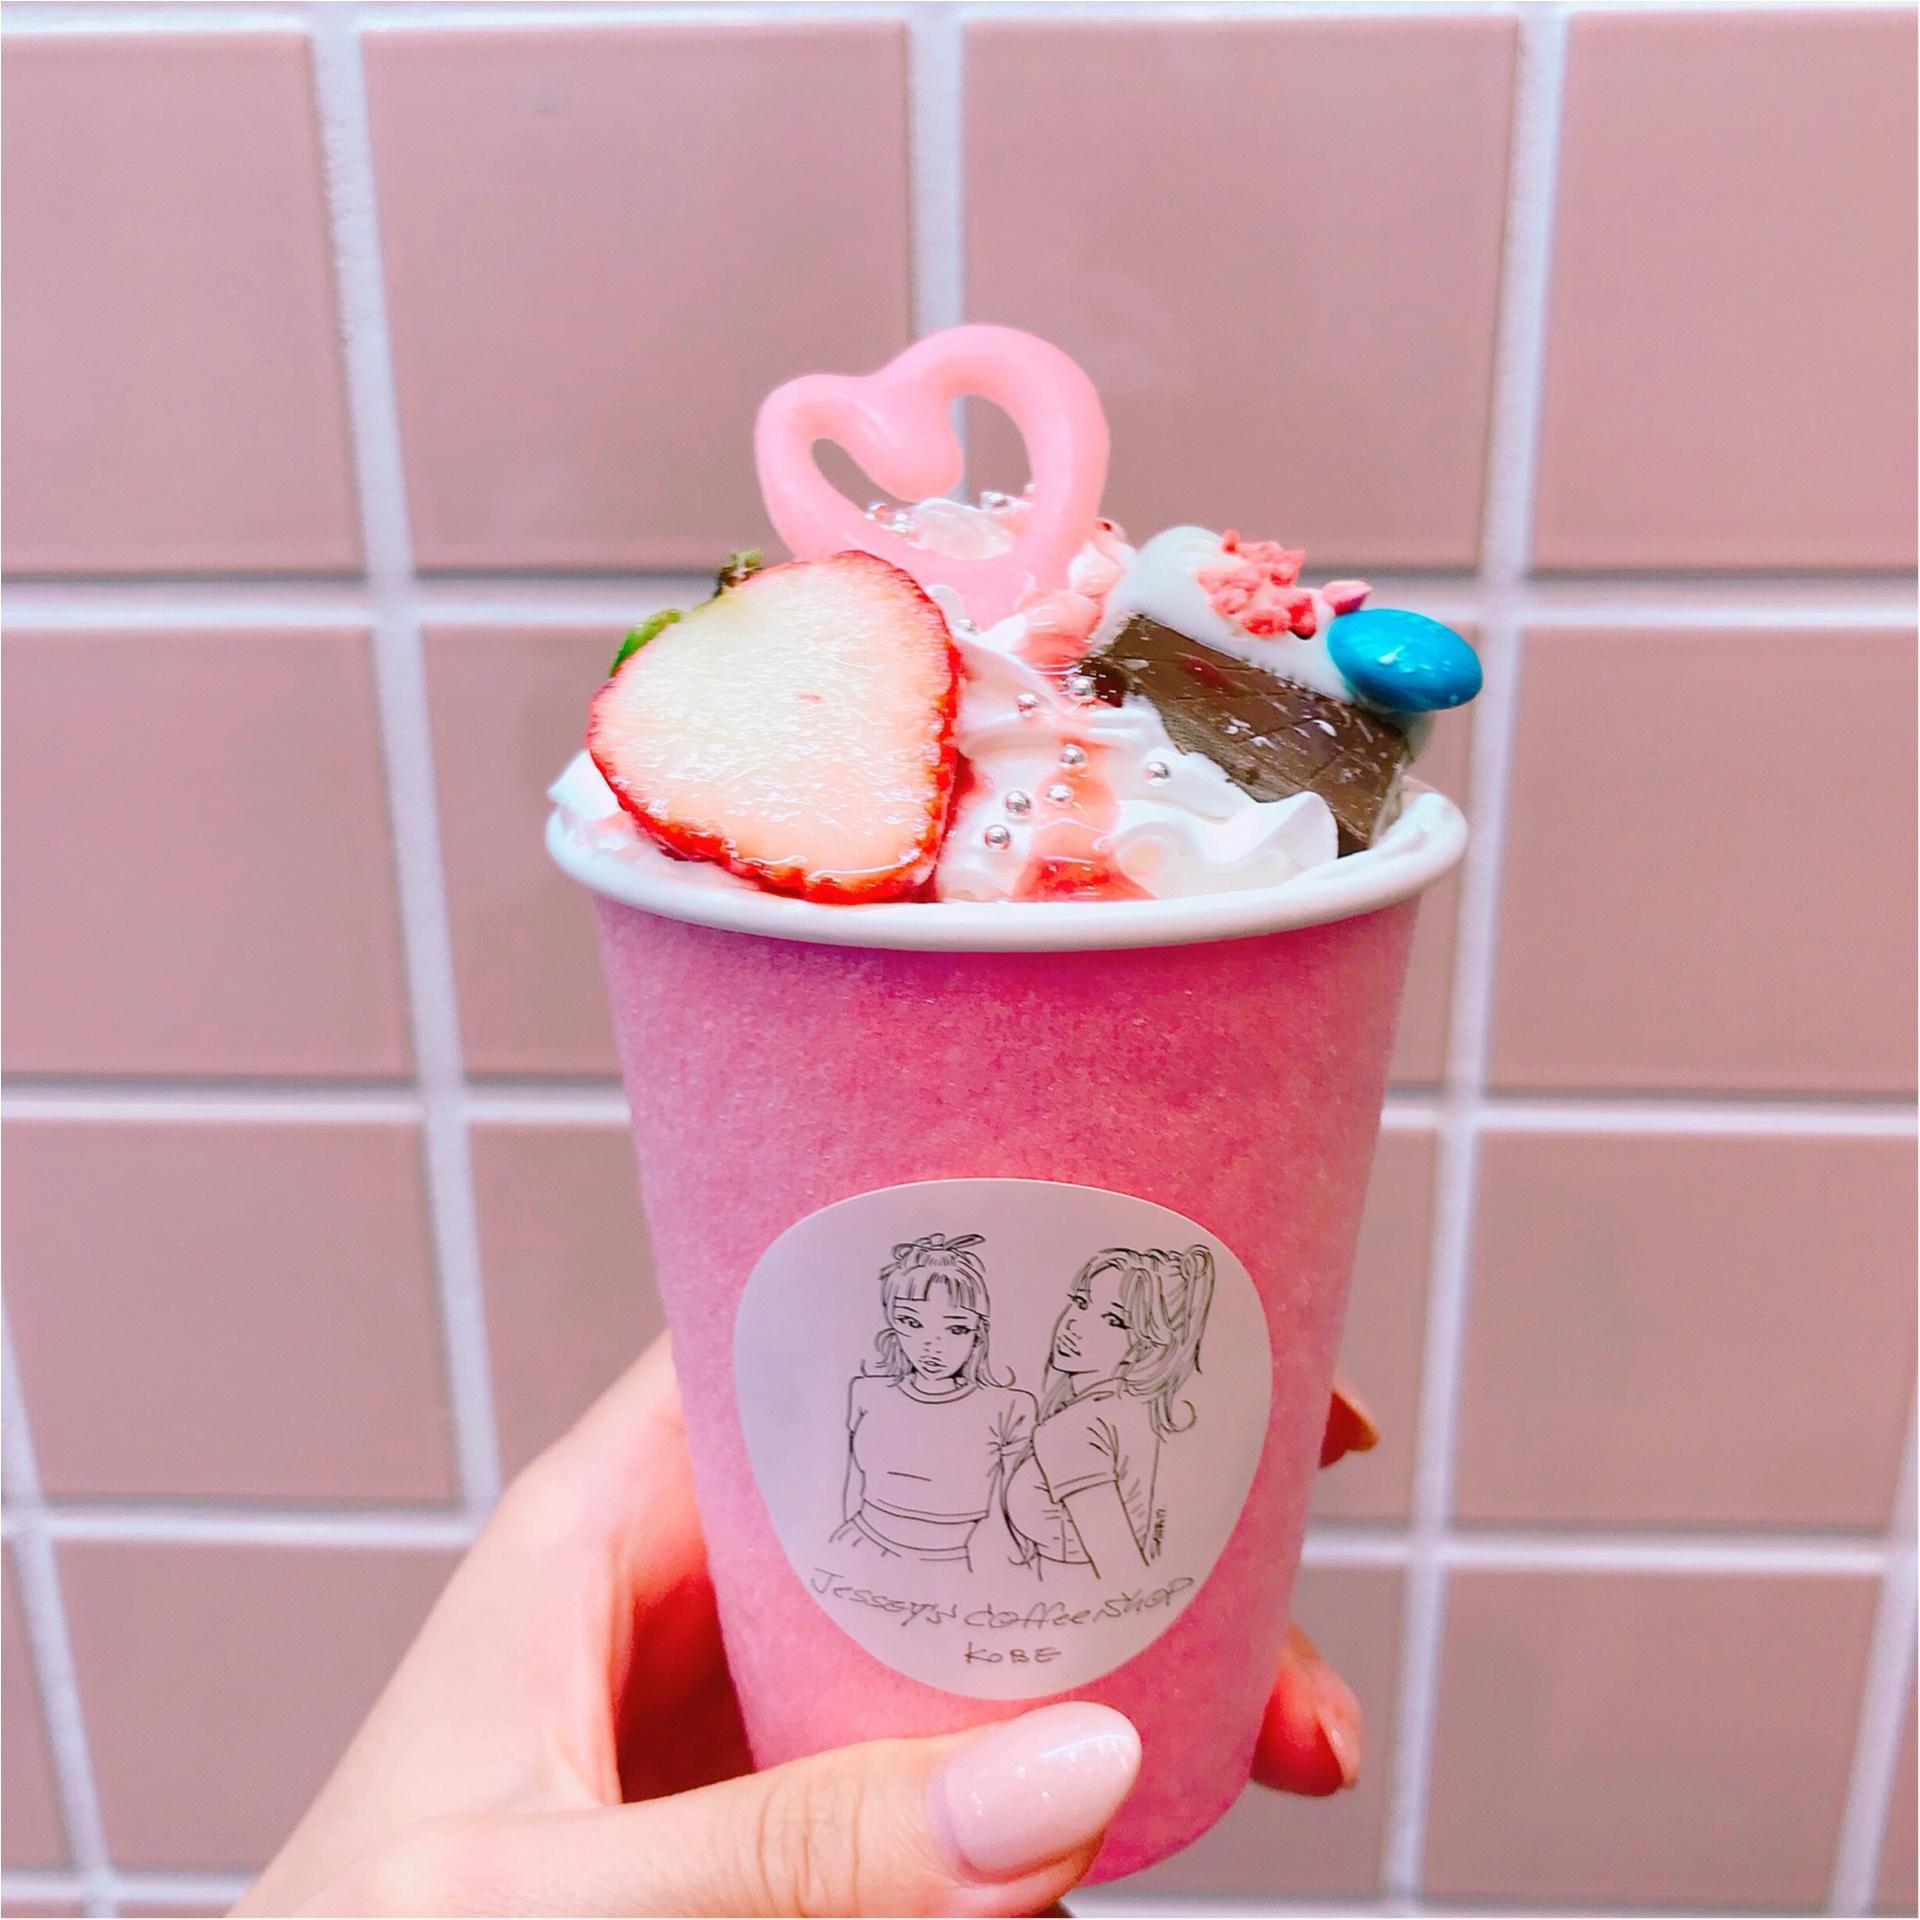 ★神戸の可愛い♡カフェならココ!ピンクの外装が目印『Jessy's coffee shop』★_2